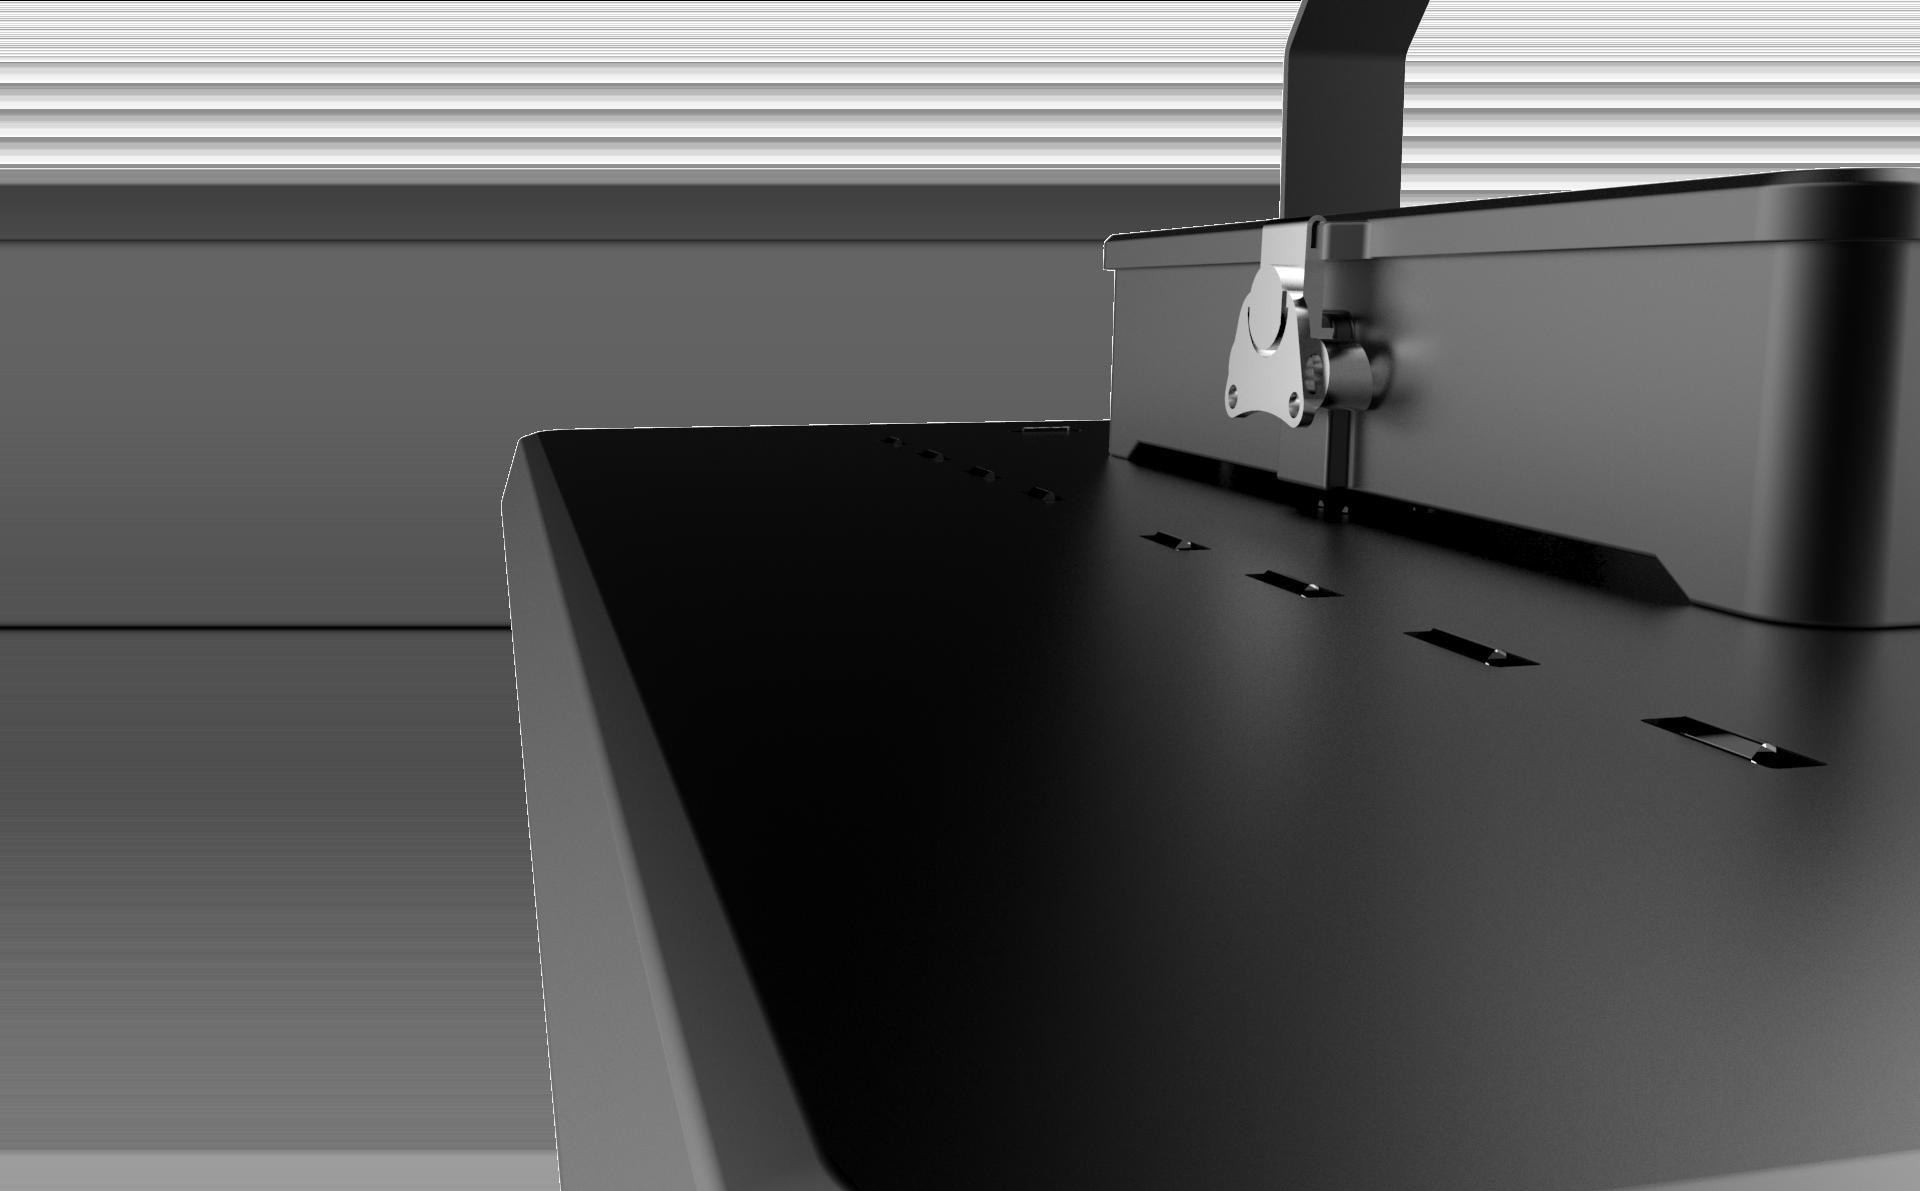 Светильник LED Aura 100Вт 5000К/6500К 16000лм 350x300x103мм доп. вид